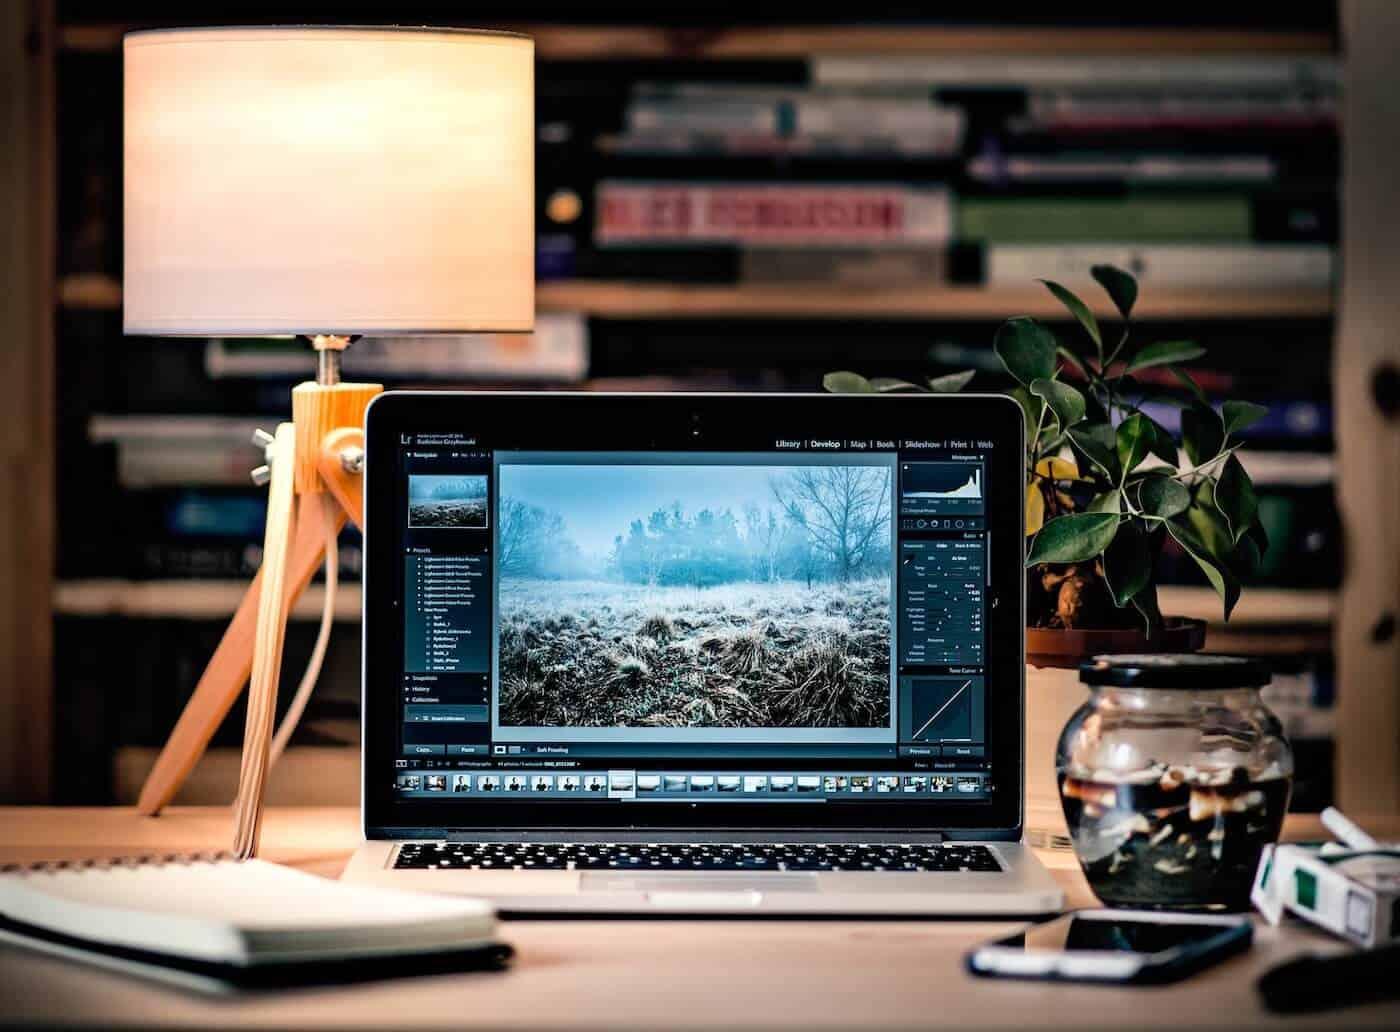 mejores marcas de laptops apple